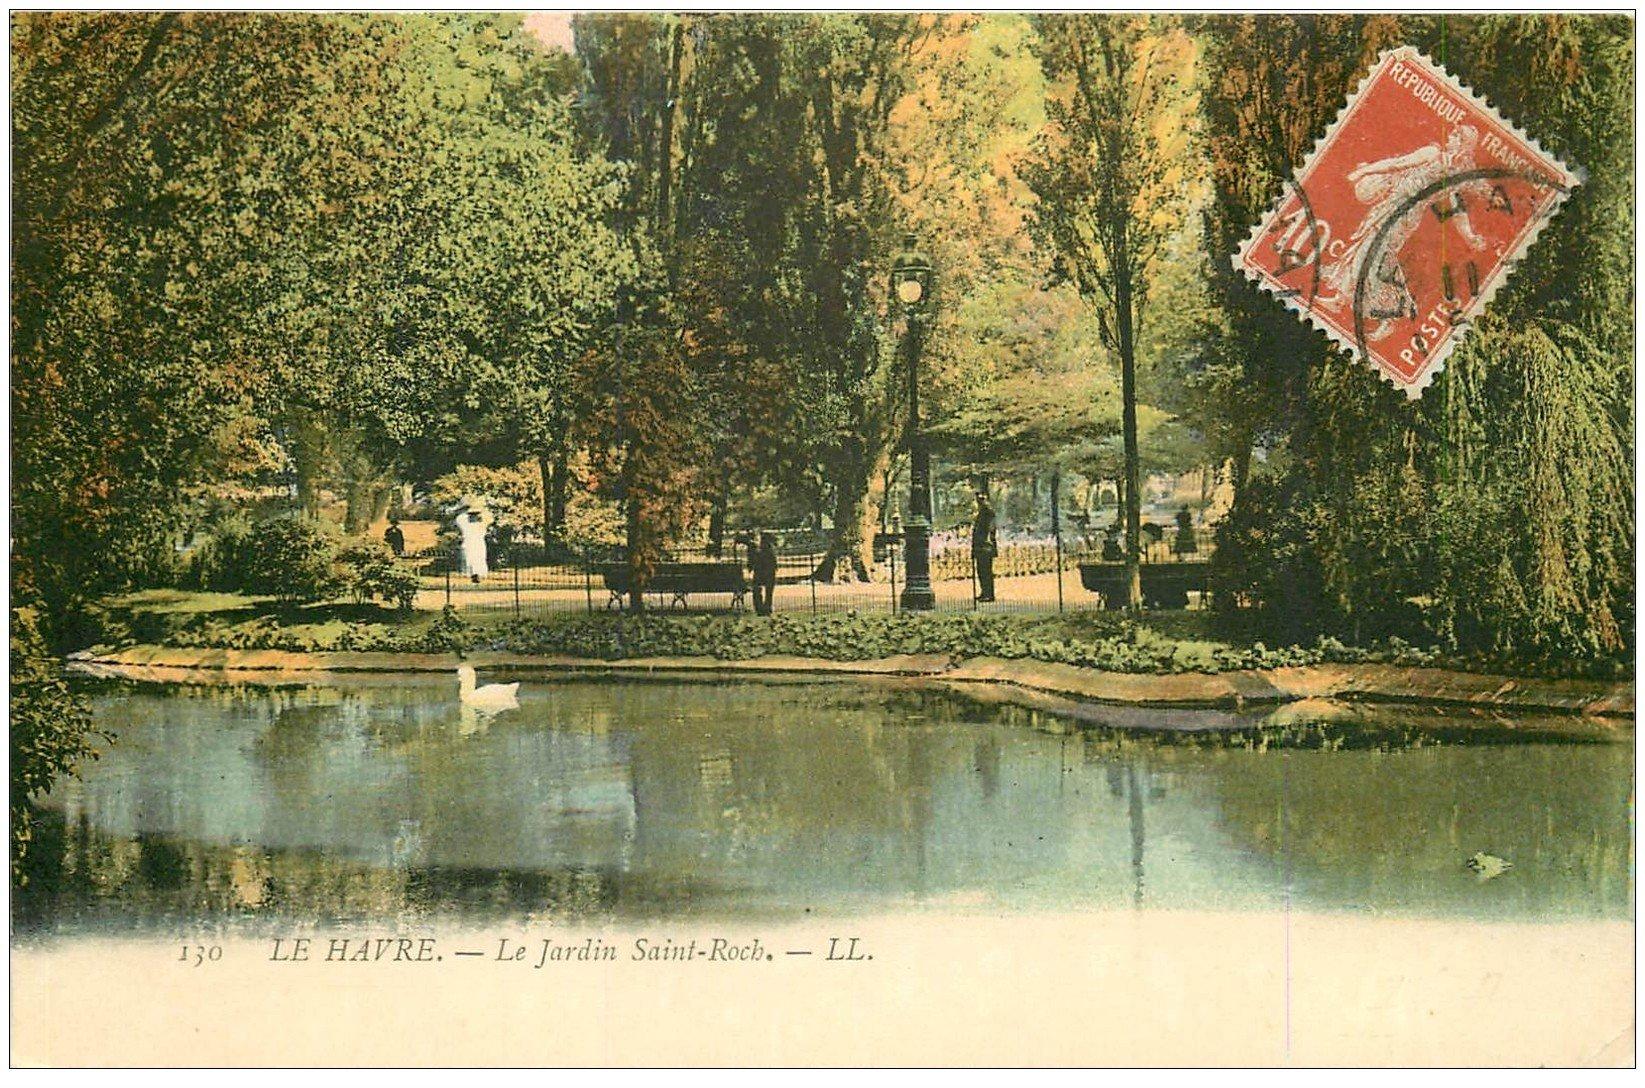 76 le havre jardin saint roch 1913 - Jardin fleurie le havre ...